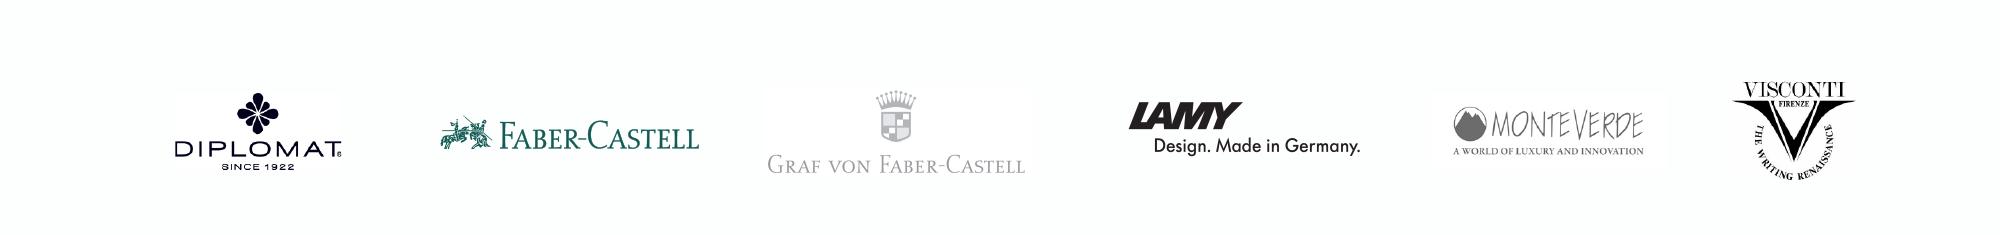 Diplomat Faber-Castell Lamy Monteverde Visconti